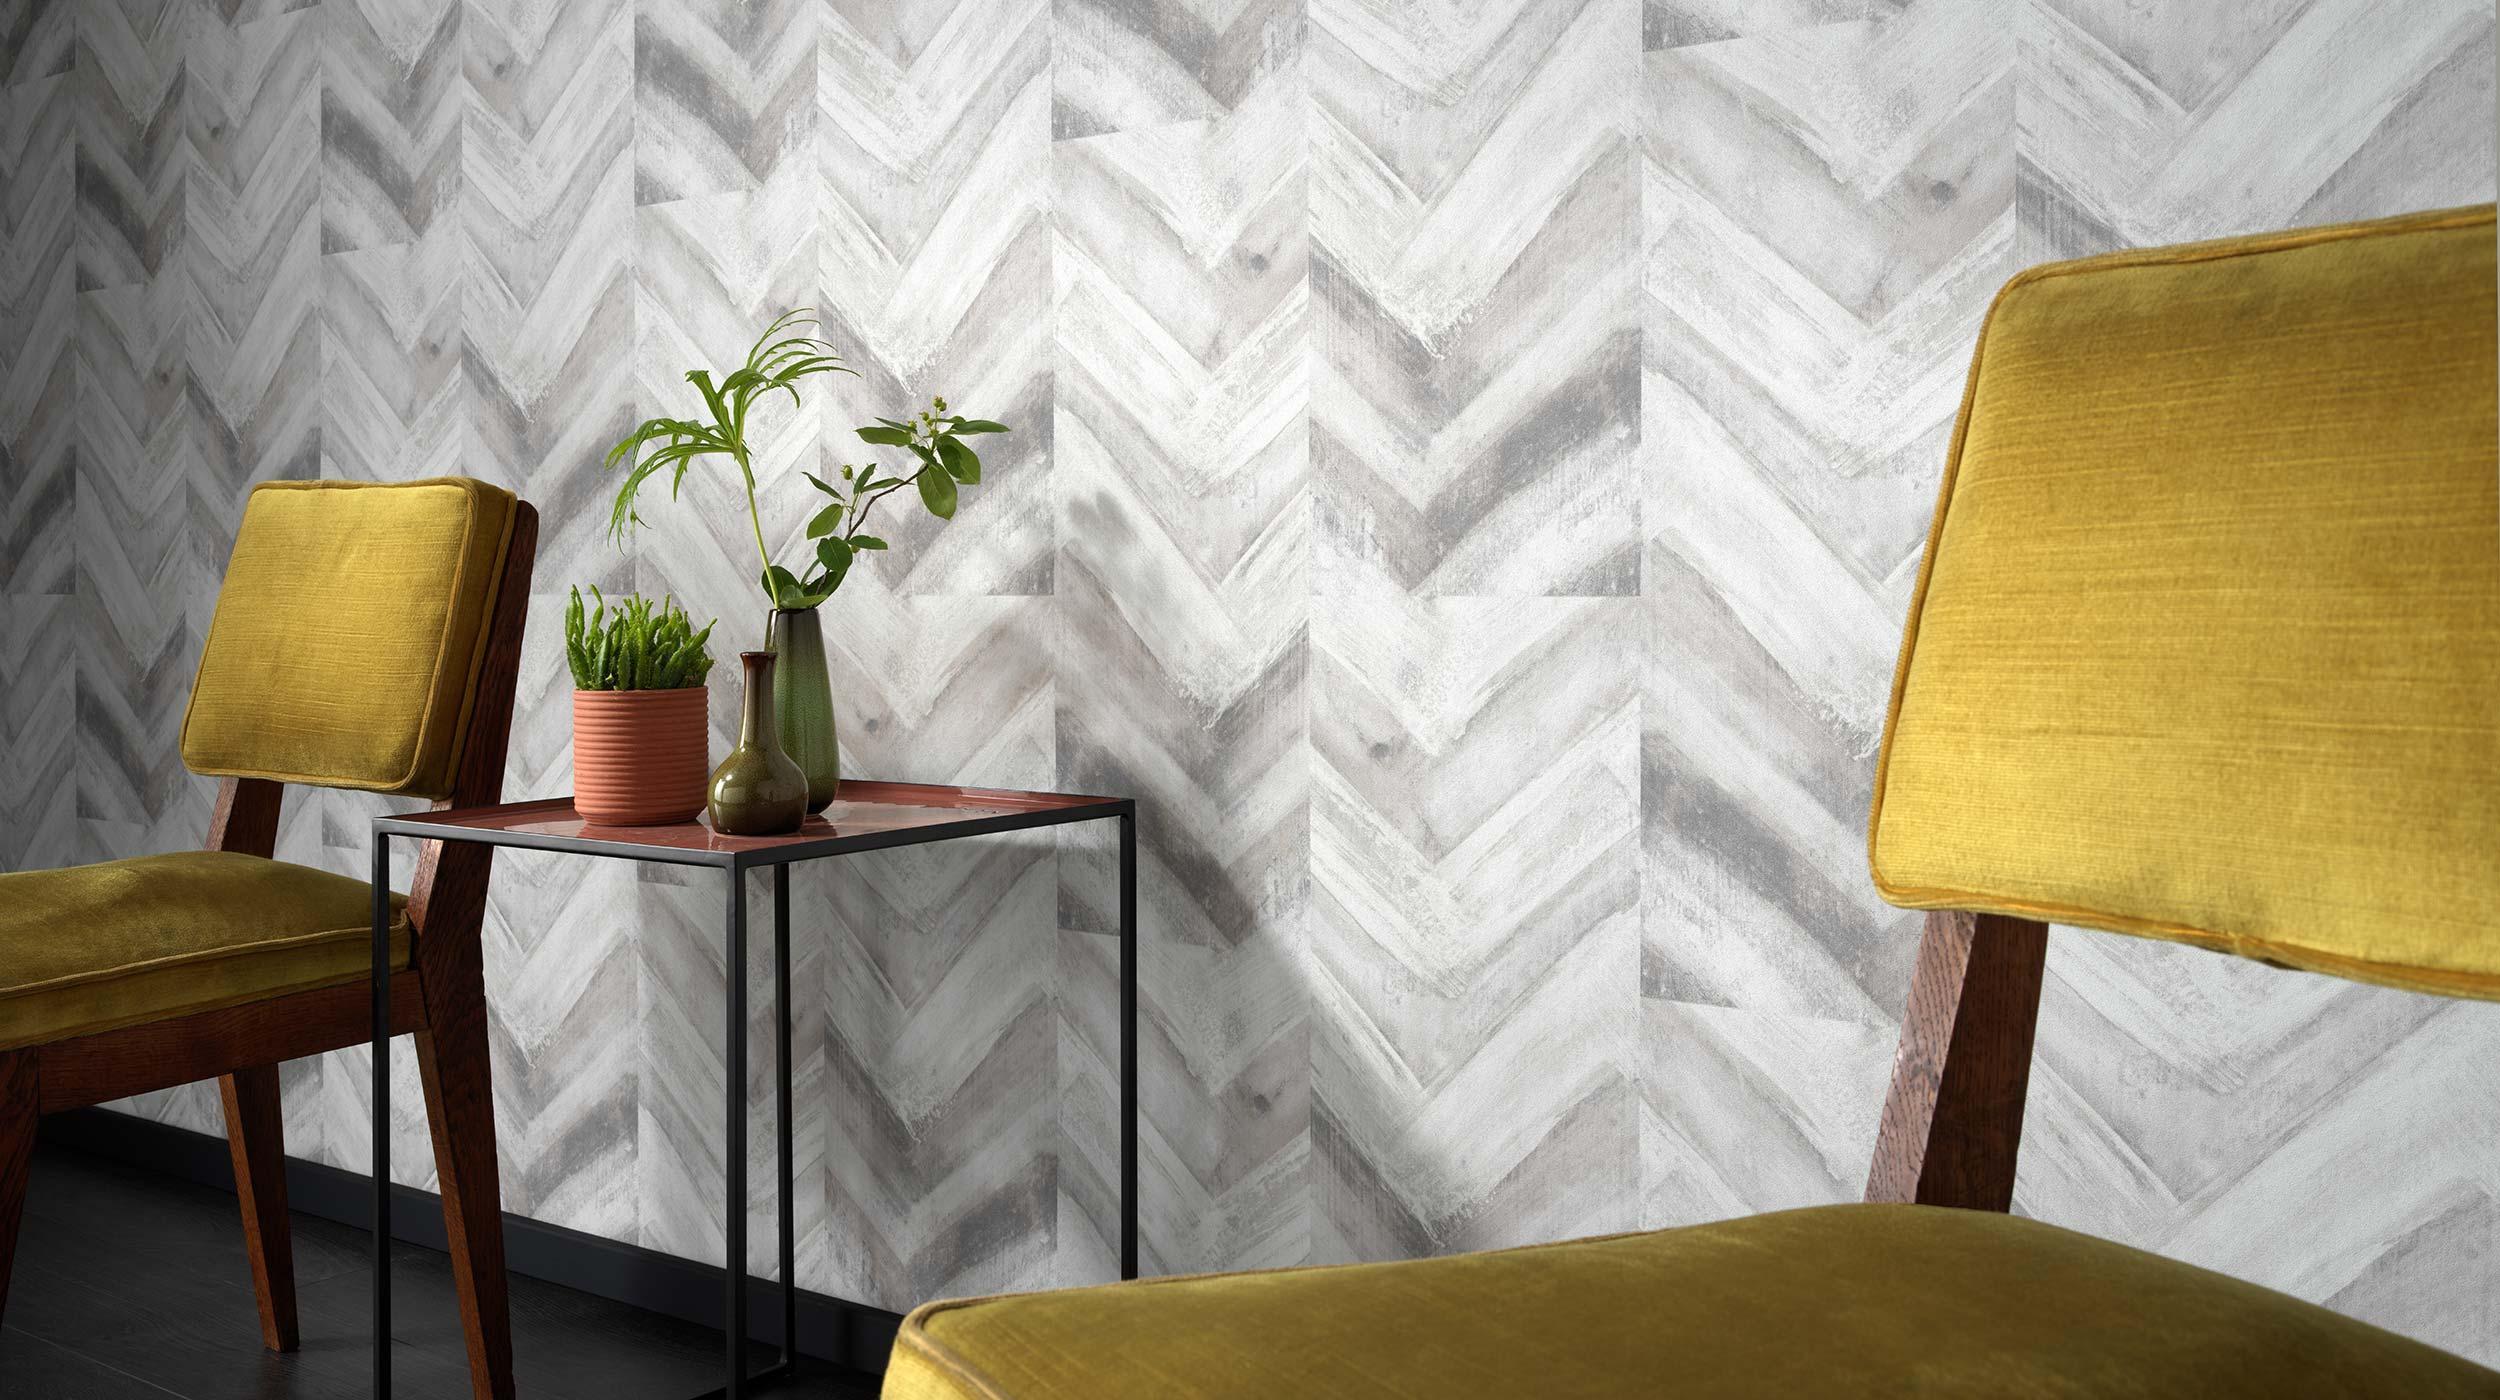 Moderner Wohnraum mit Tapete in Holzoptik in Silbergrau